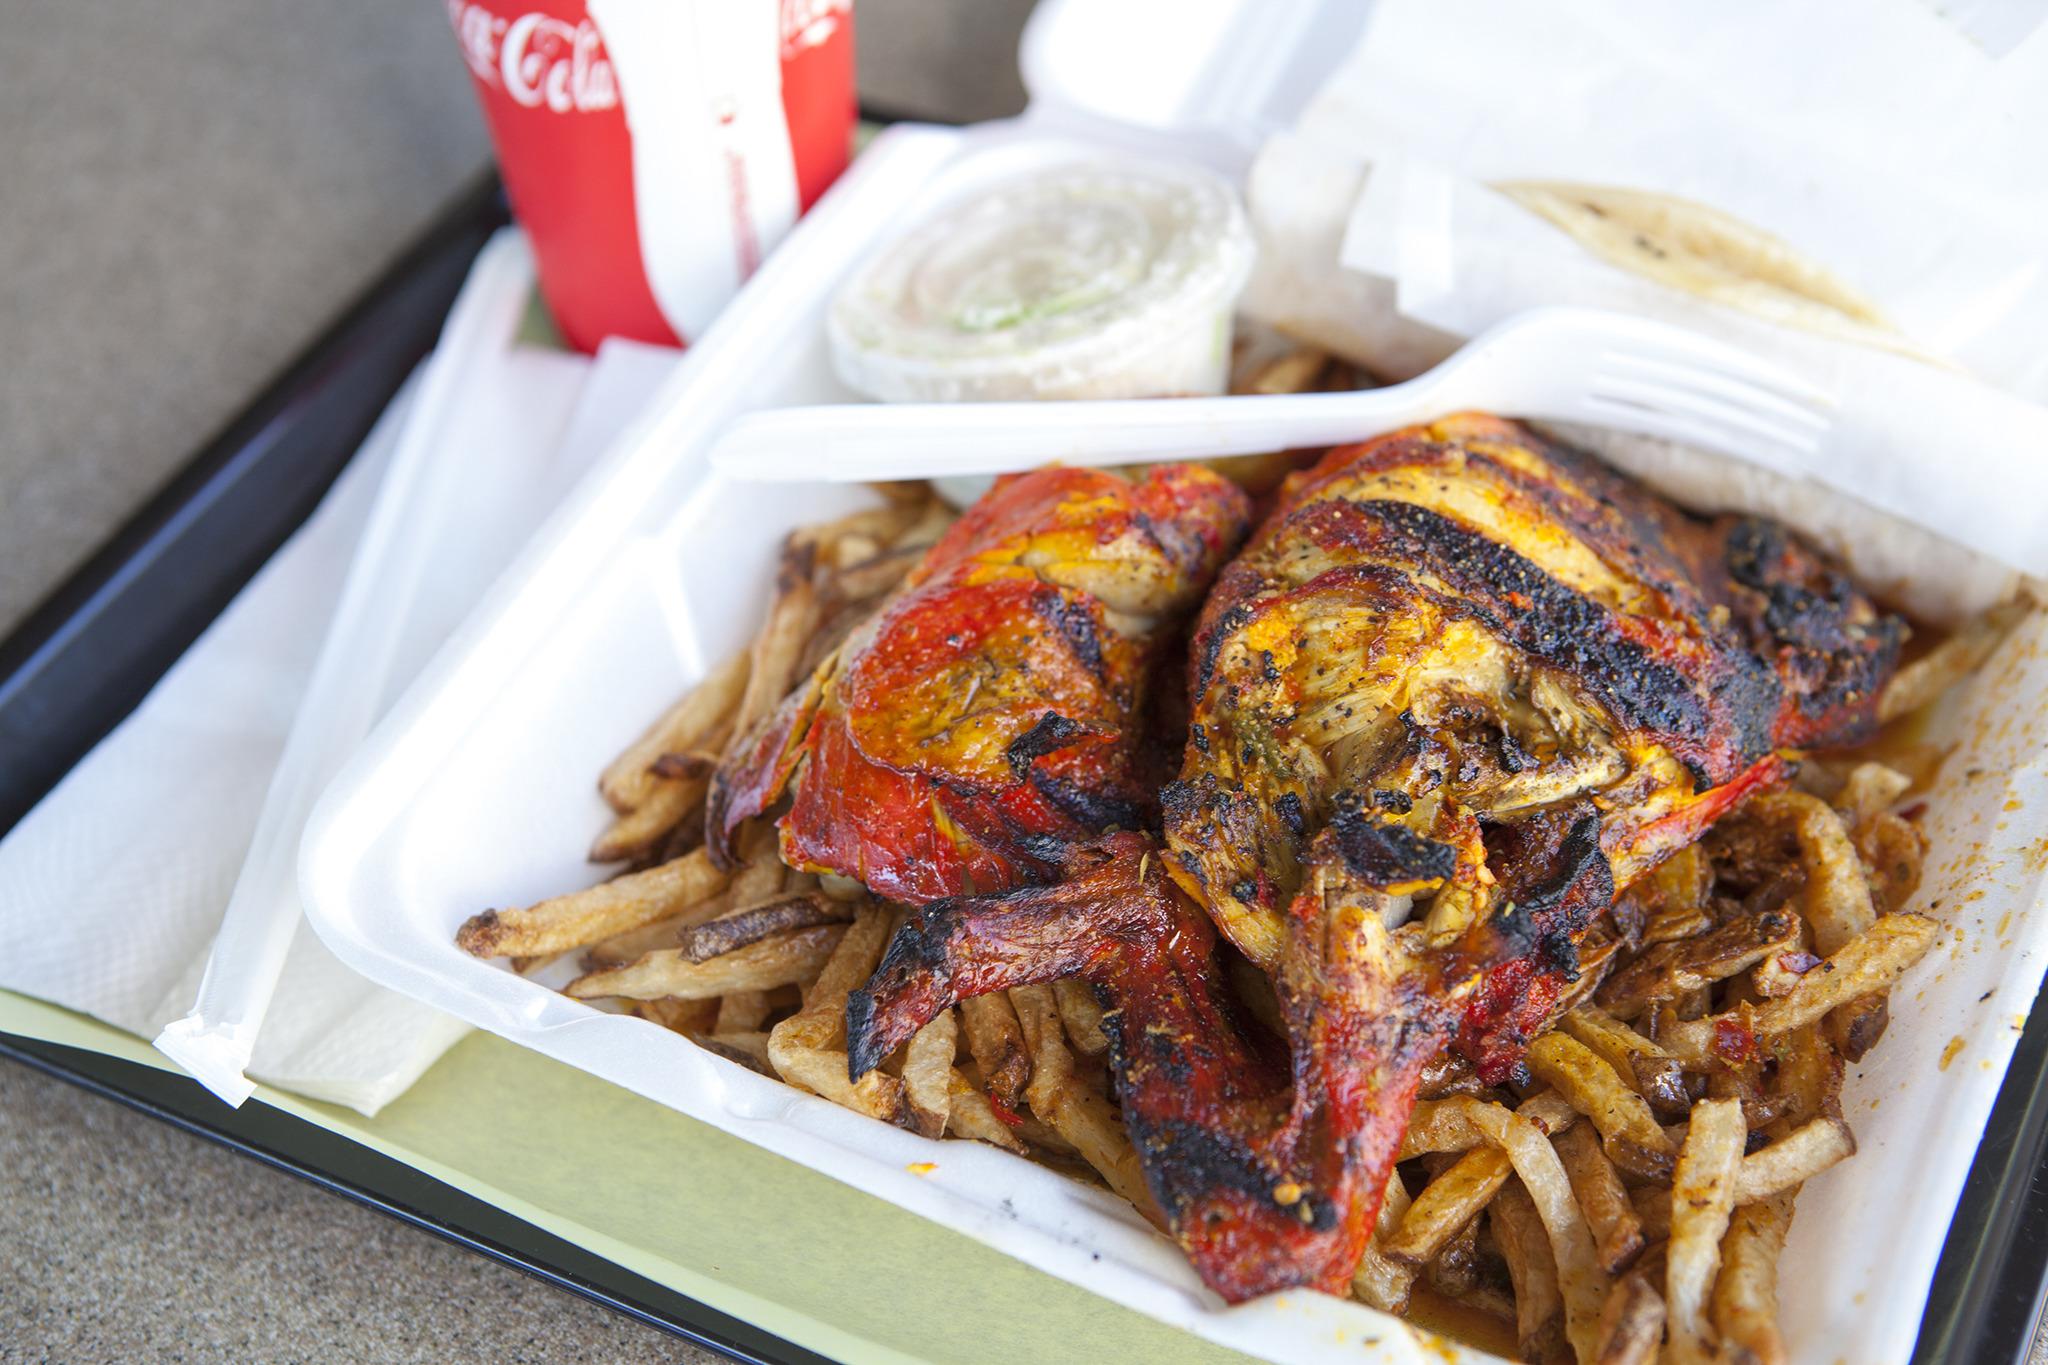 Dino's Chicken & Burgers' Pollo Maniaco